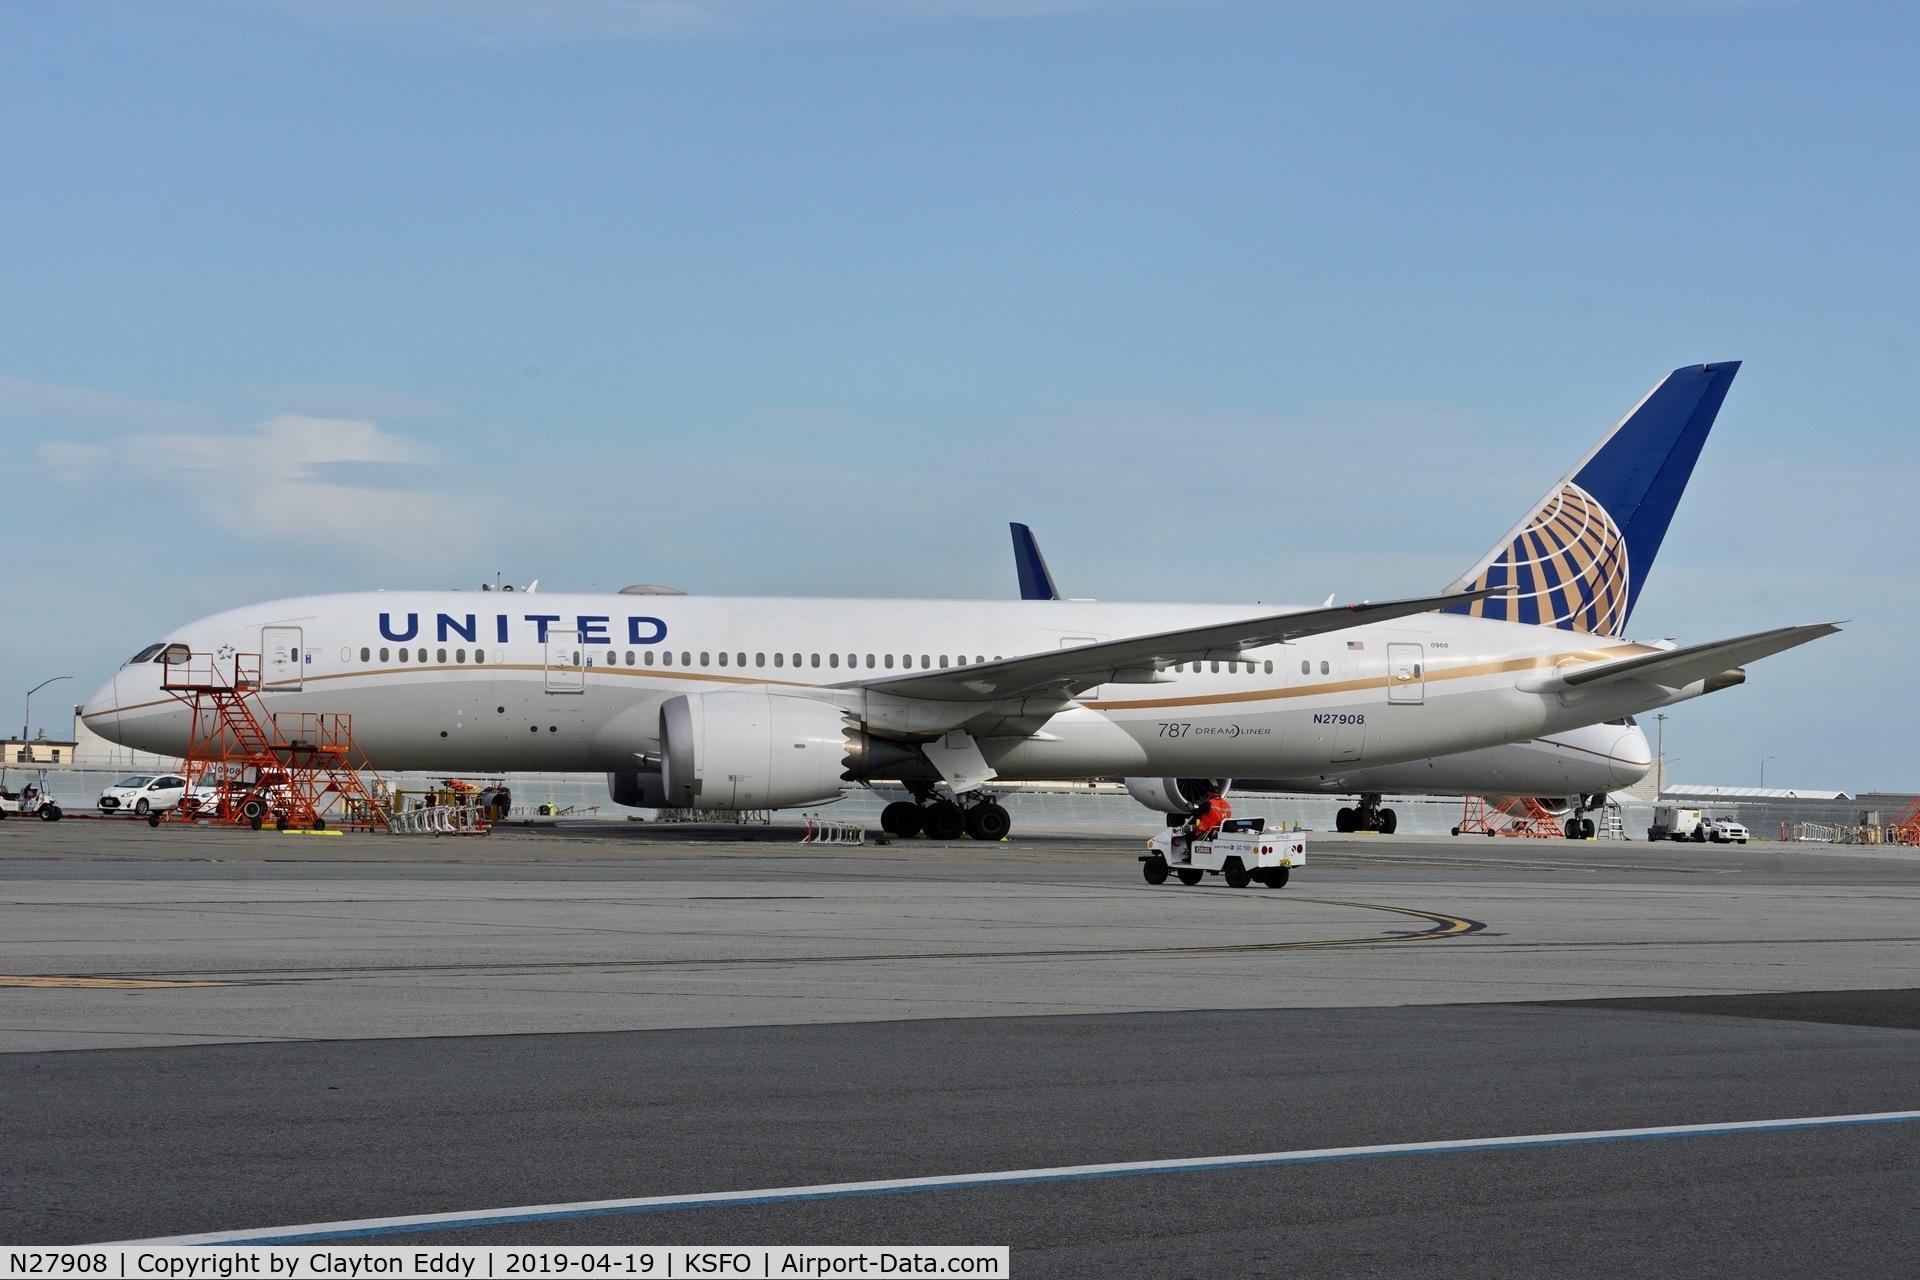 N27908, 2013 Boeing 787-8 Dreamliner C/N 36400, SFO 2019.